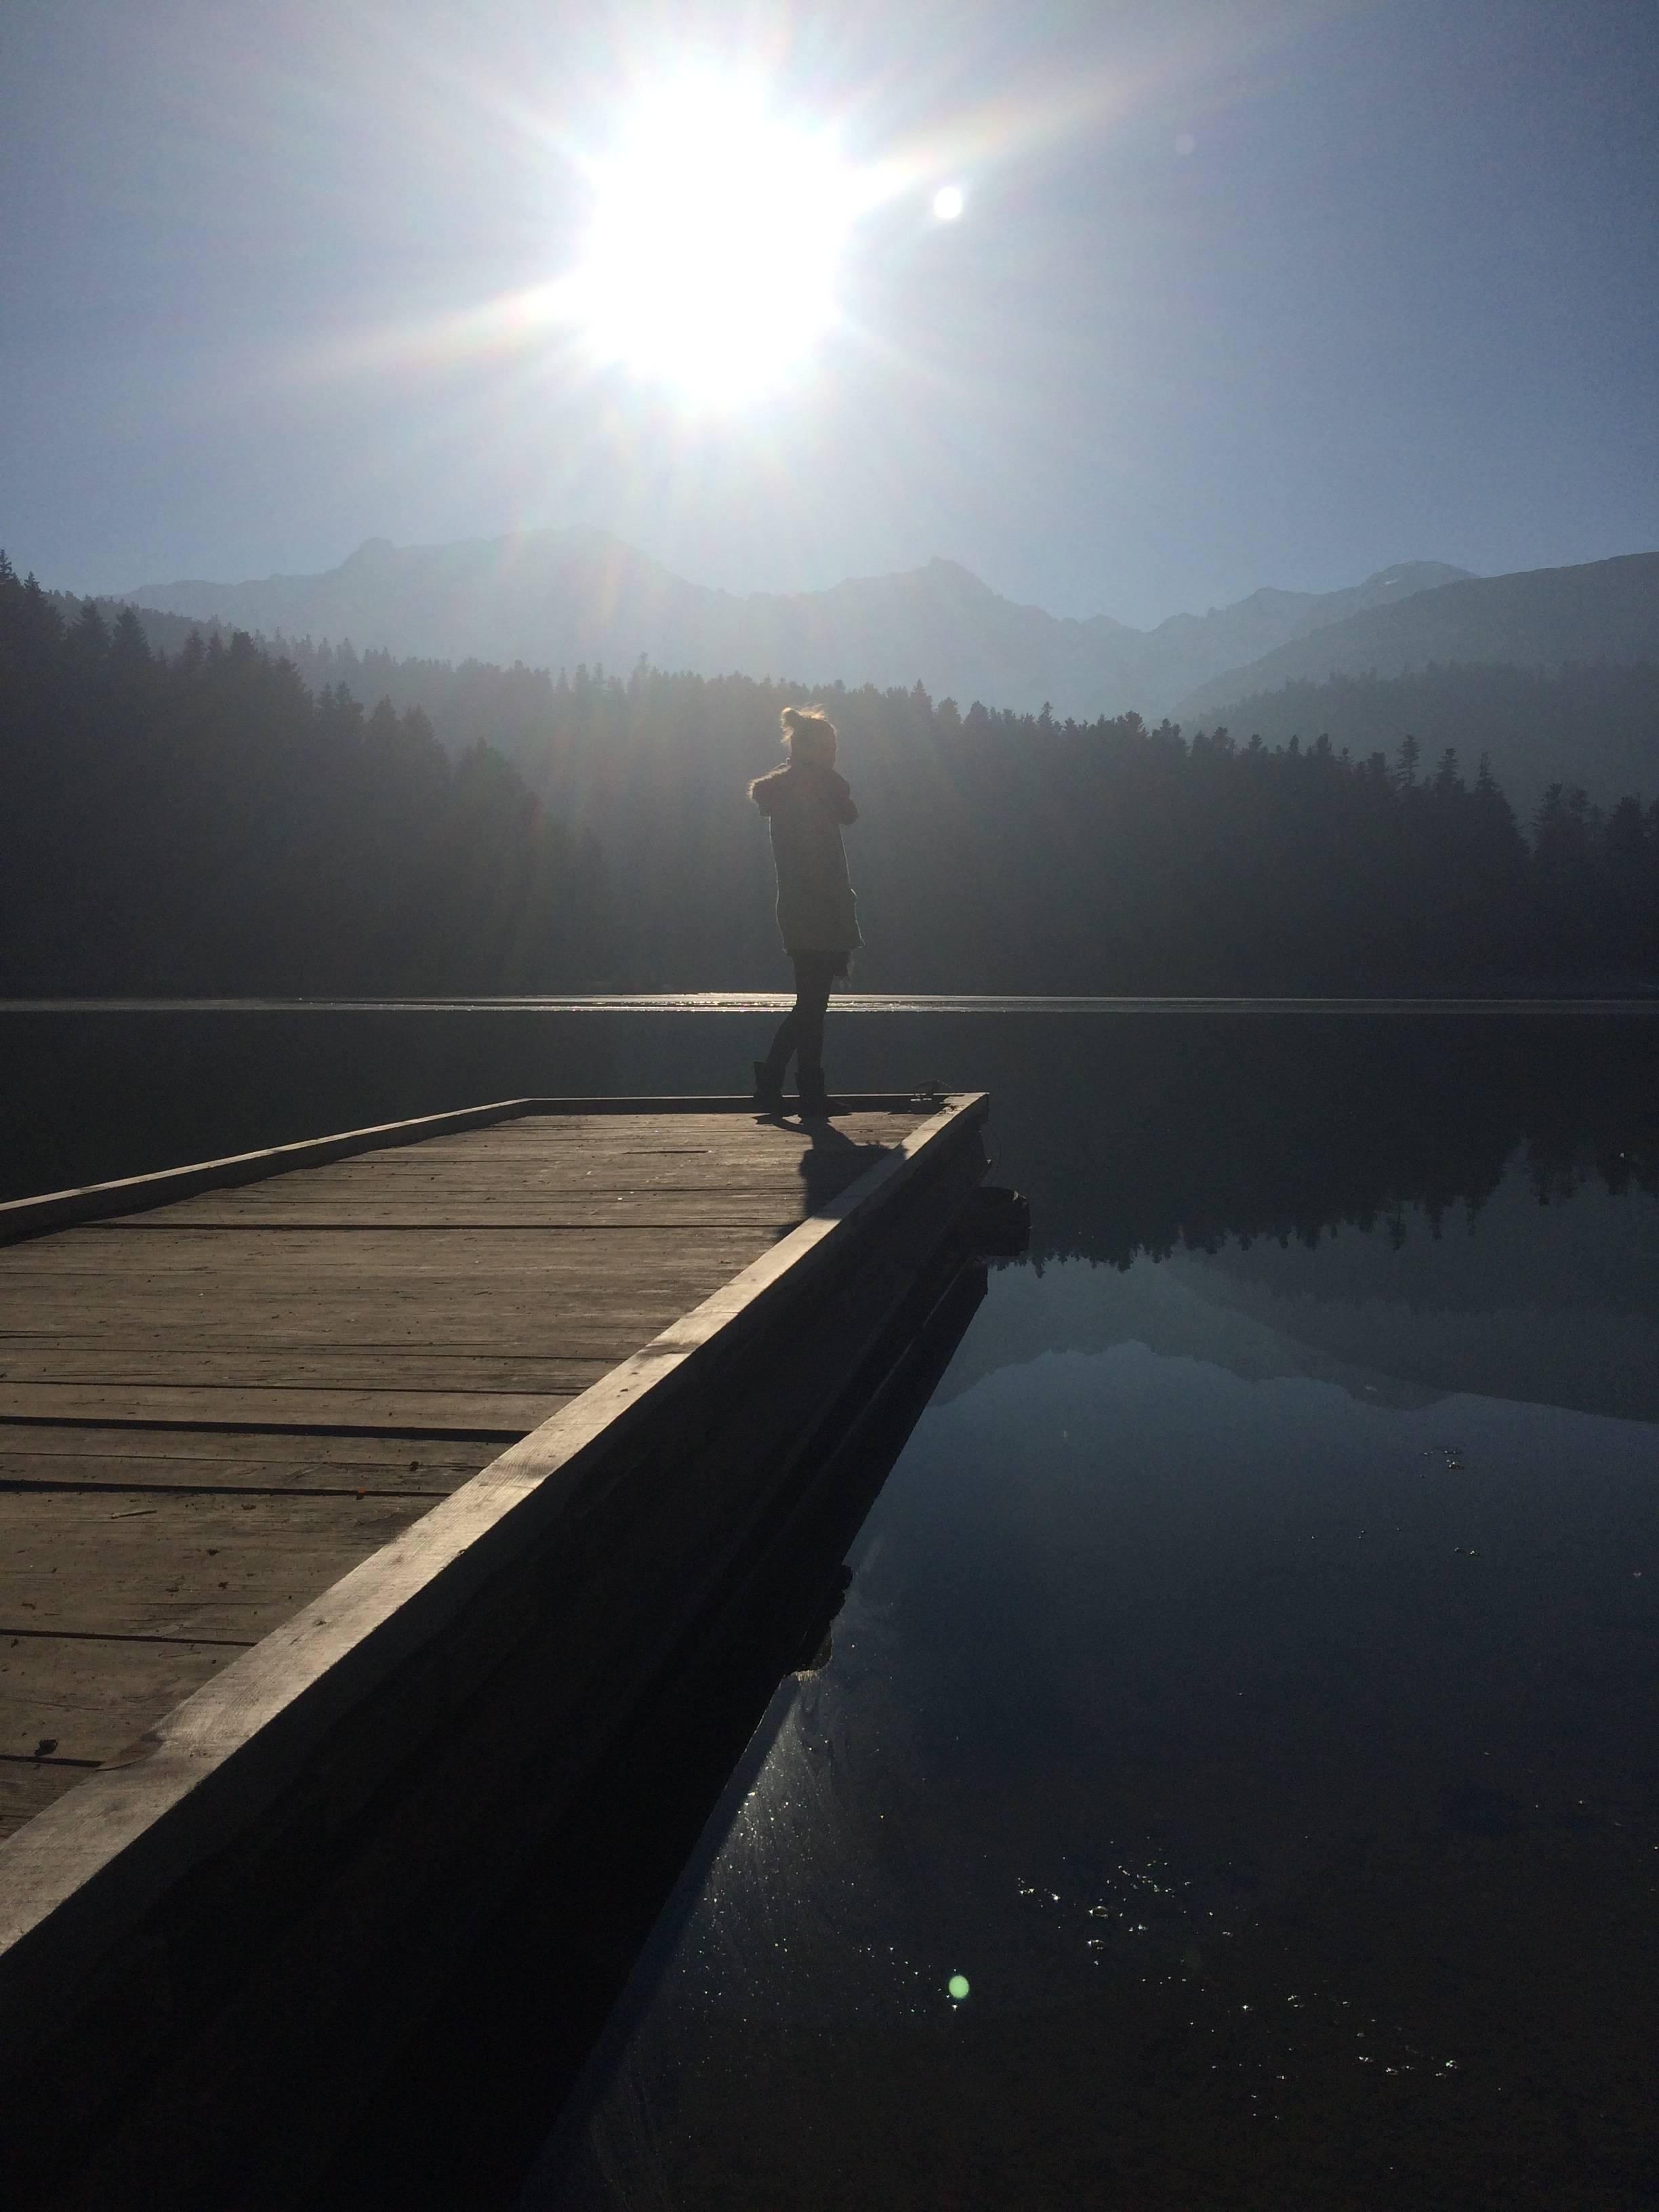 Photo 3: Petite balade autour du lac de Payolle